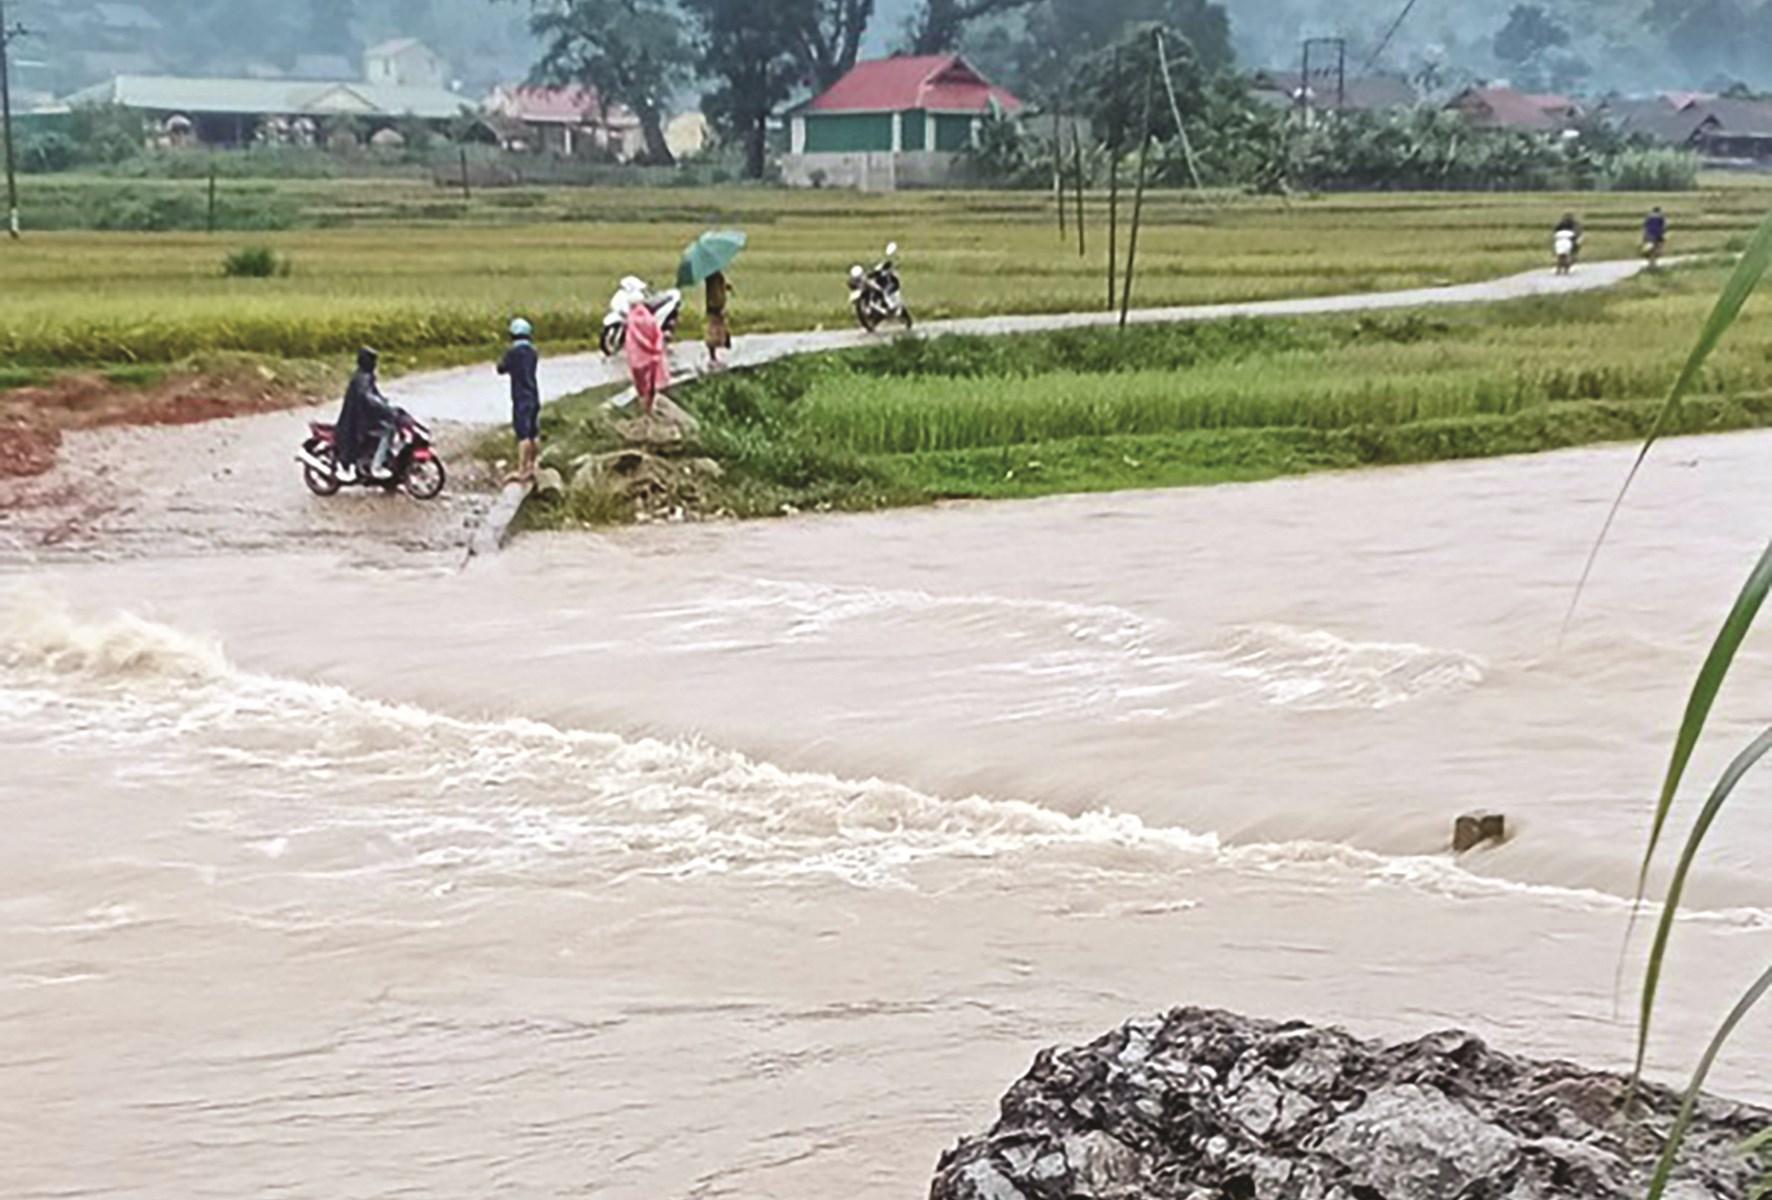 Nước tràn qua đường, dìm bản Cắm, xã Cắm Muộn, huyện Quế Phong ngập nước từ chiều 18/10, người dân không thể qua lại được. (Ảnh CTV)